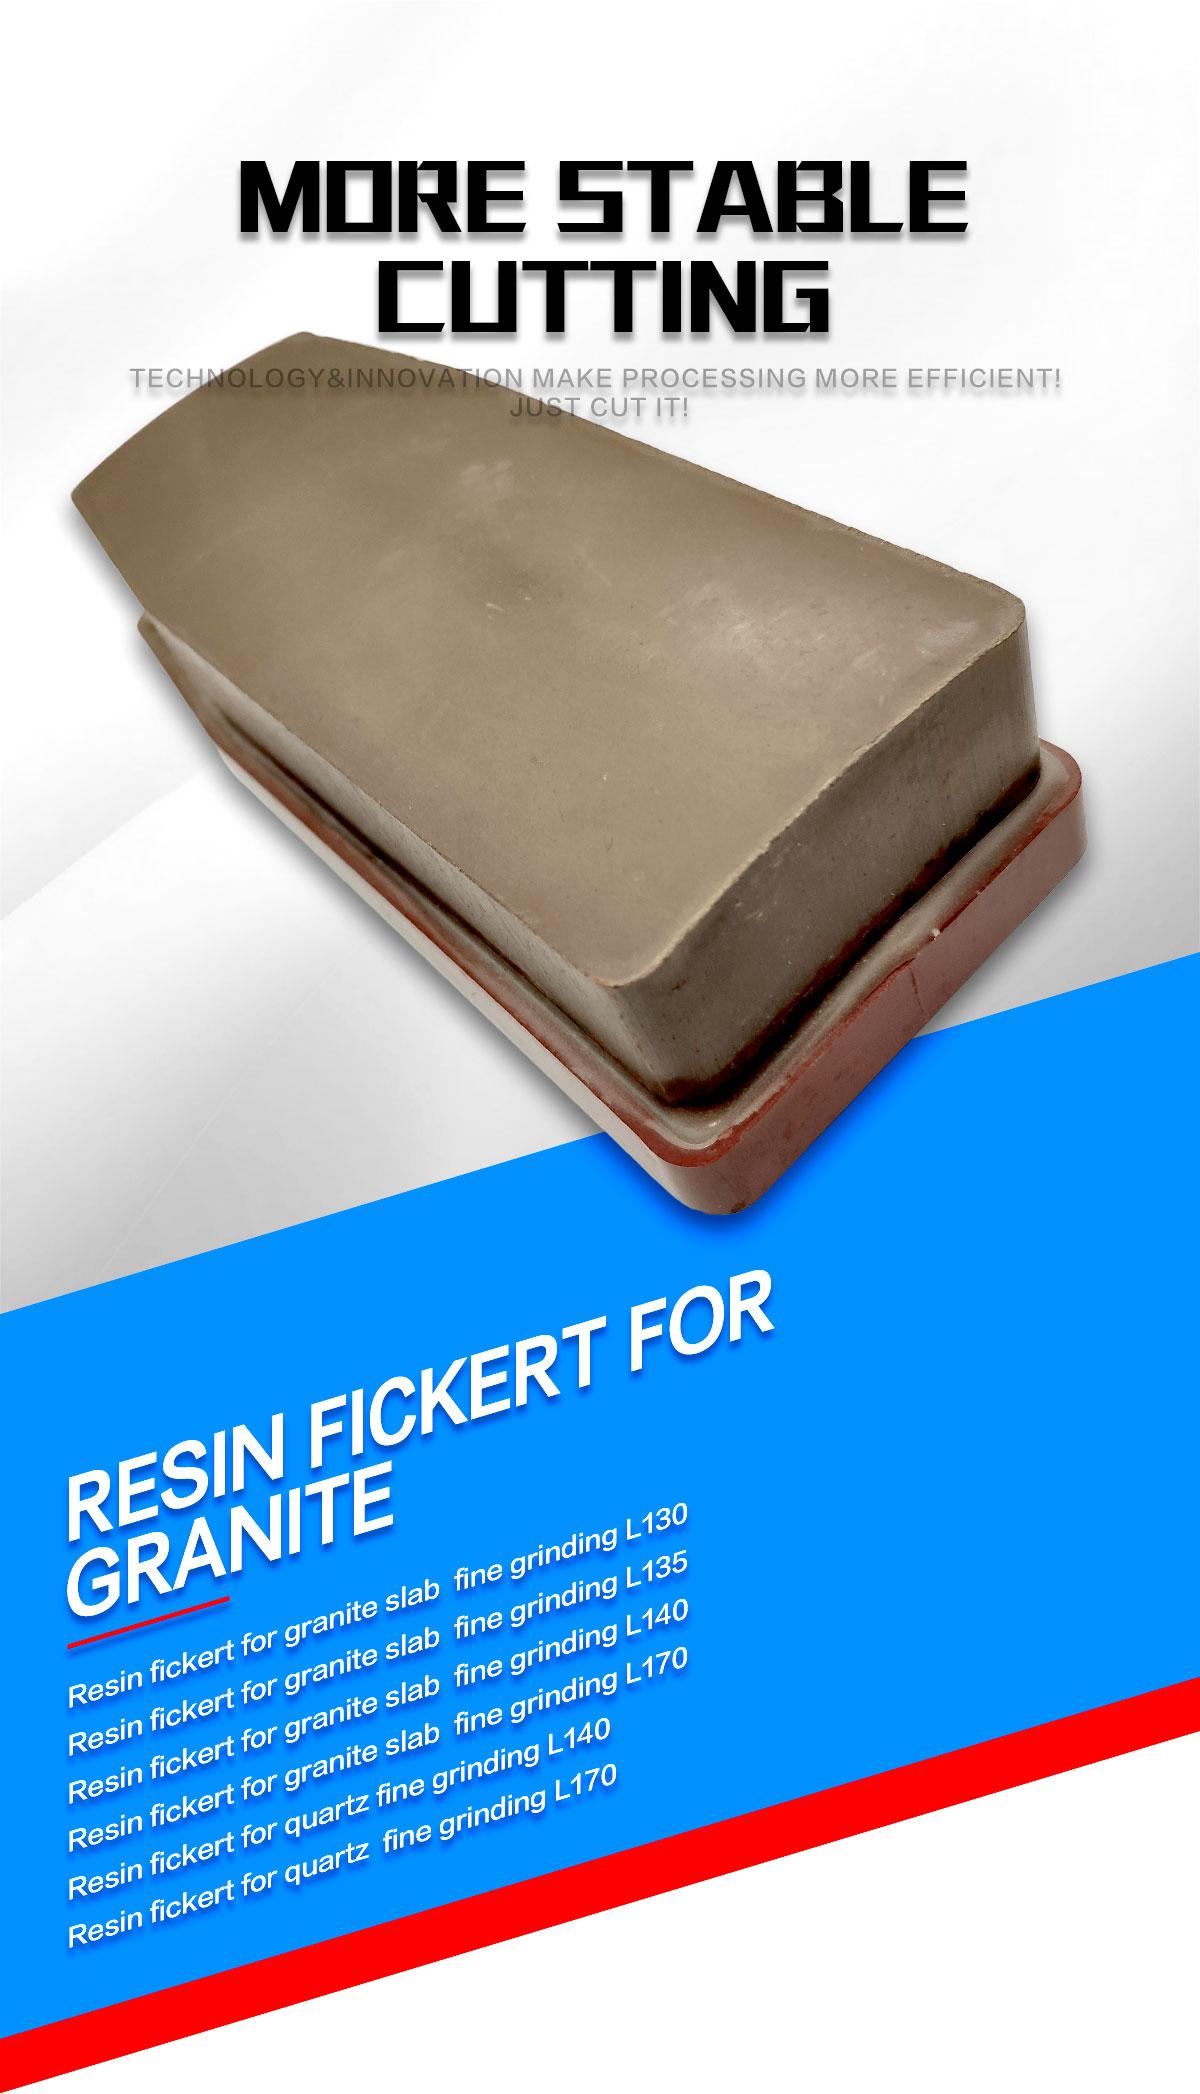 resin fickert for granite grinding